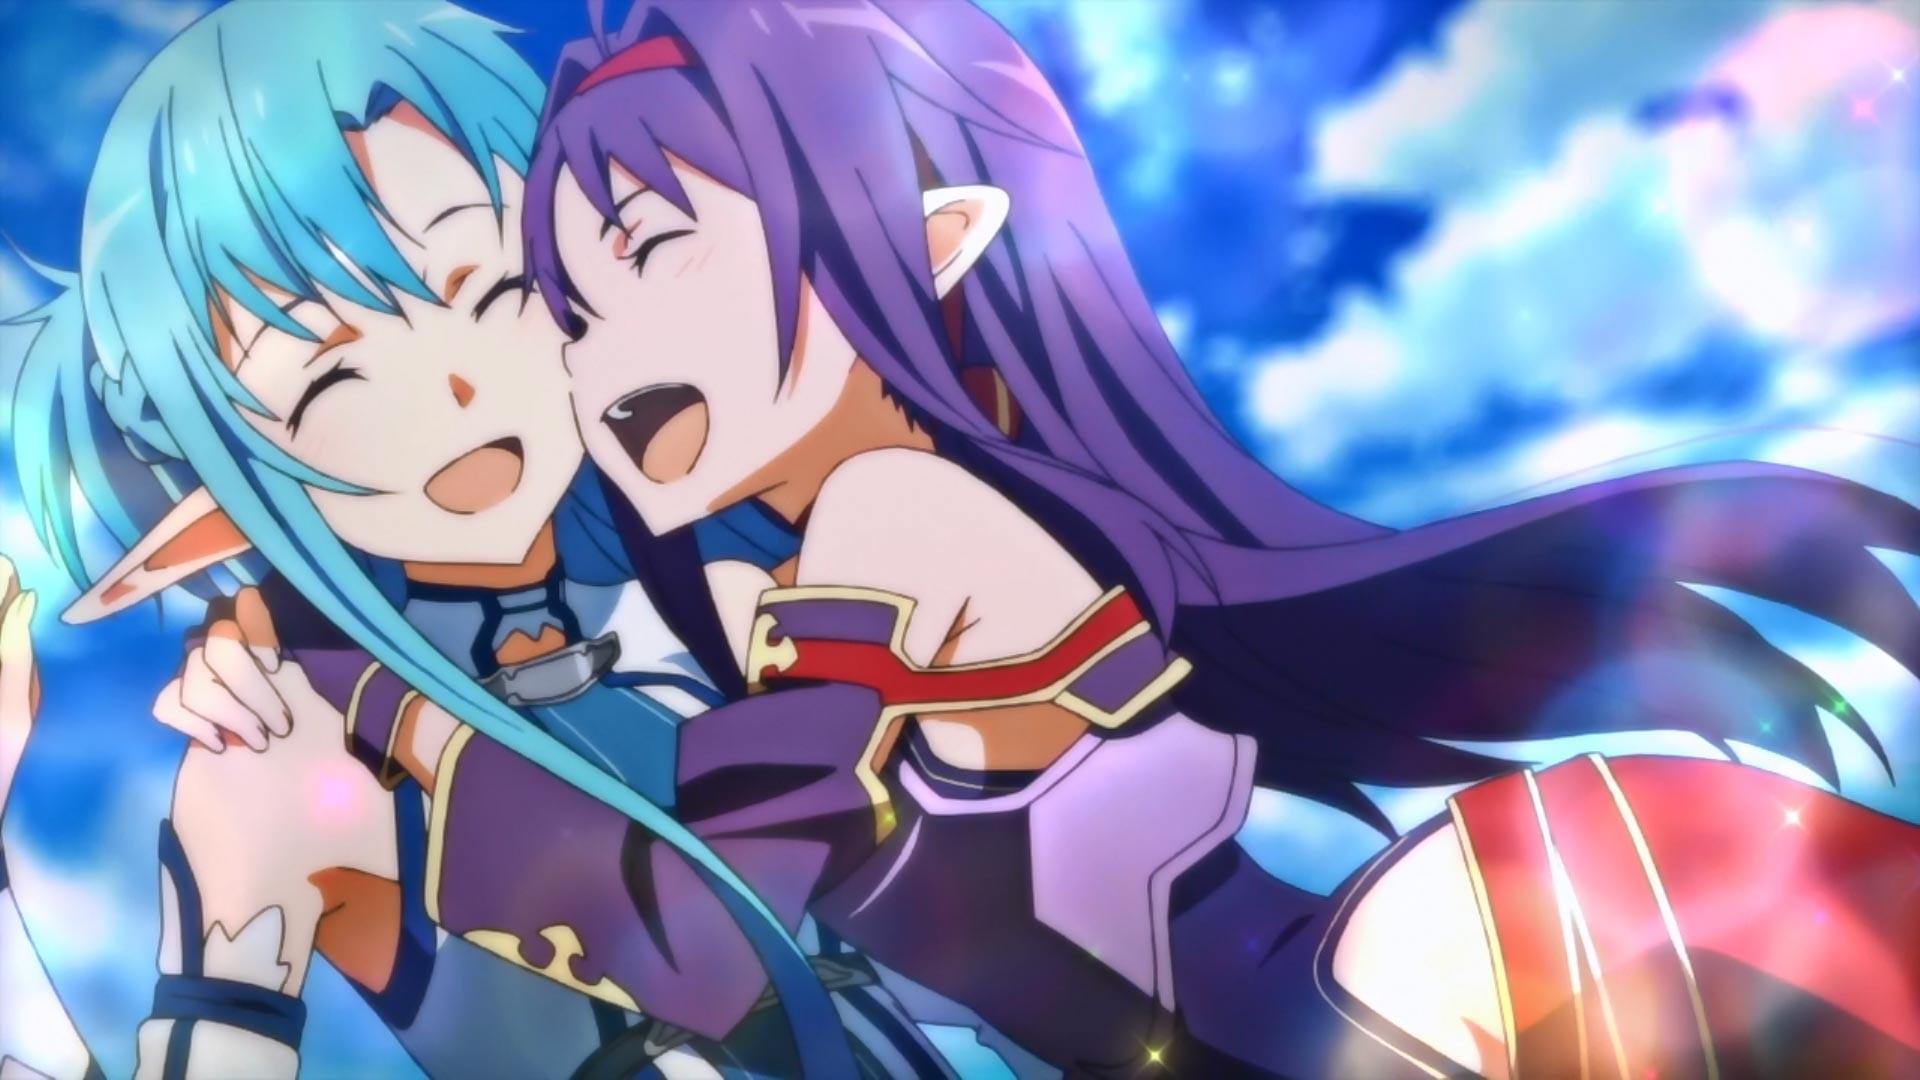 Mother's Rosario Anime Wallpaper Sword Art Online Season 2 Anime Wallpaper